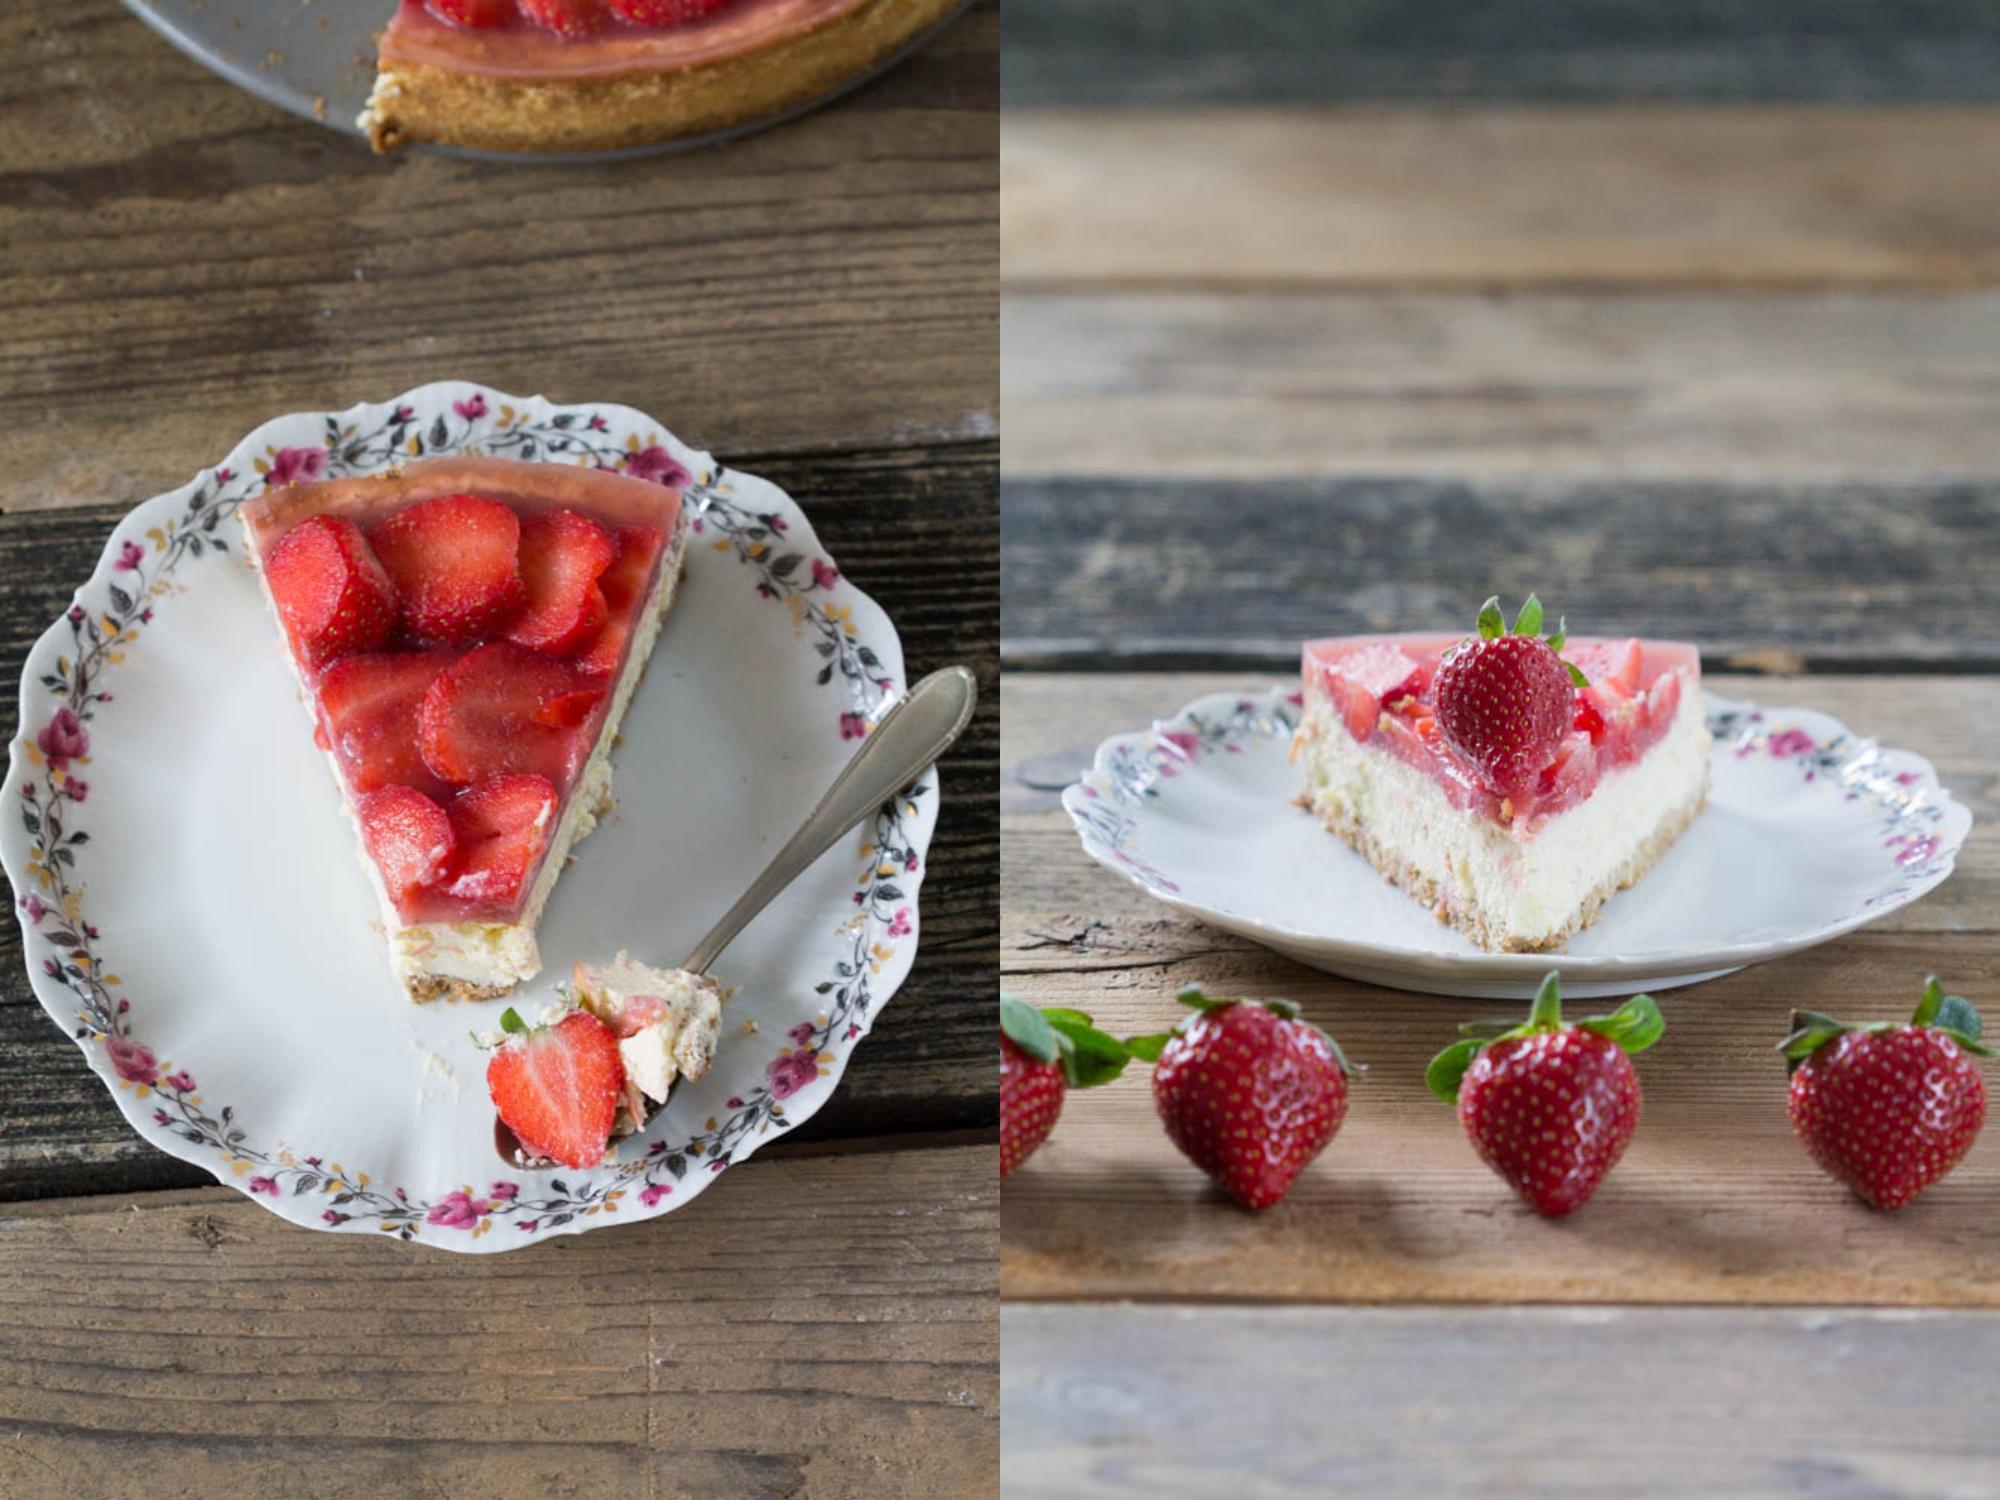 FAIBLE_Erdbeer-Cheesecake mit Erdmandel 3